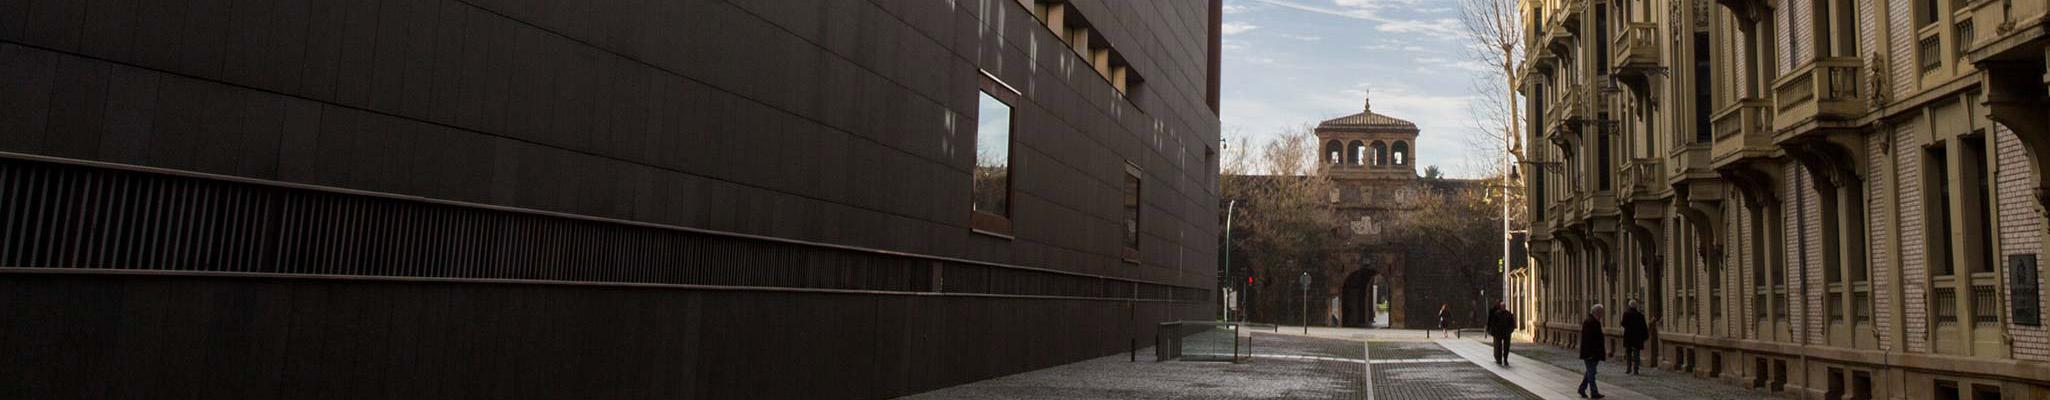 SZ asesores en Navarra. Fiscal, contable y jurídico